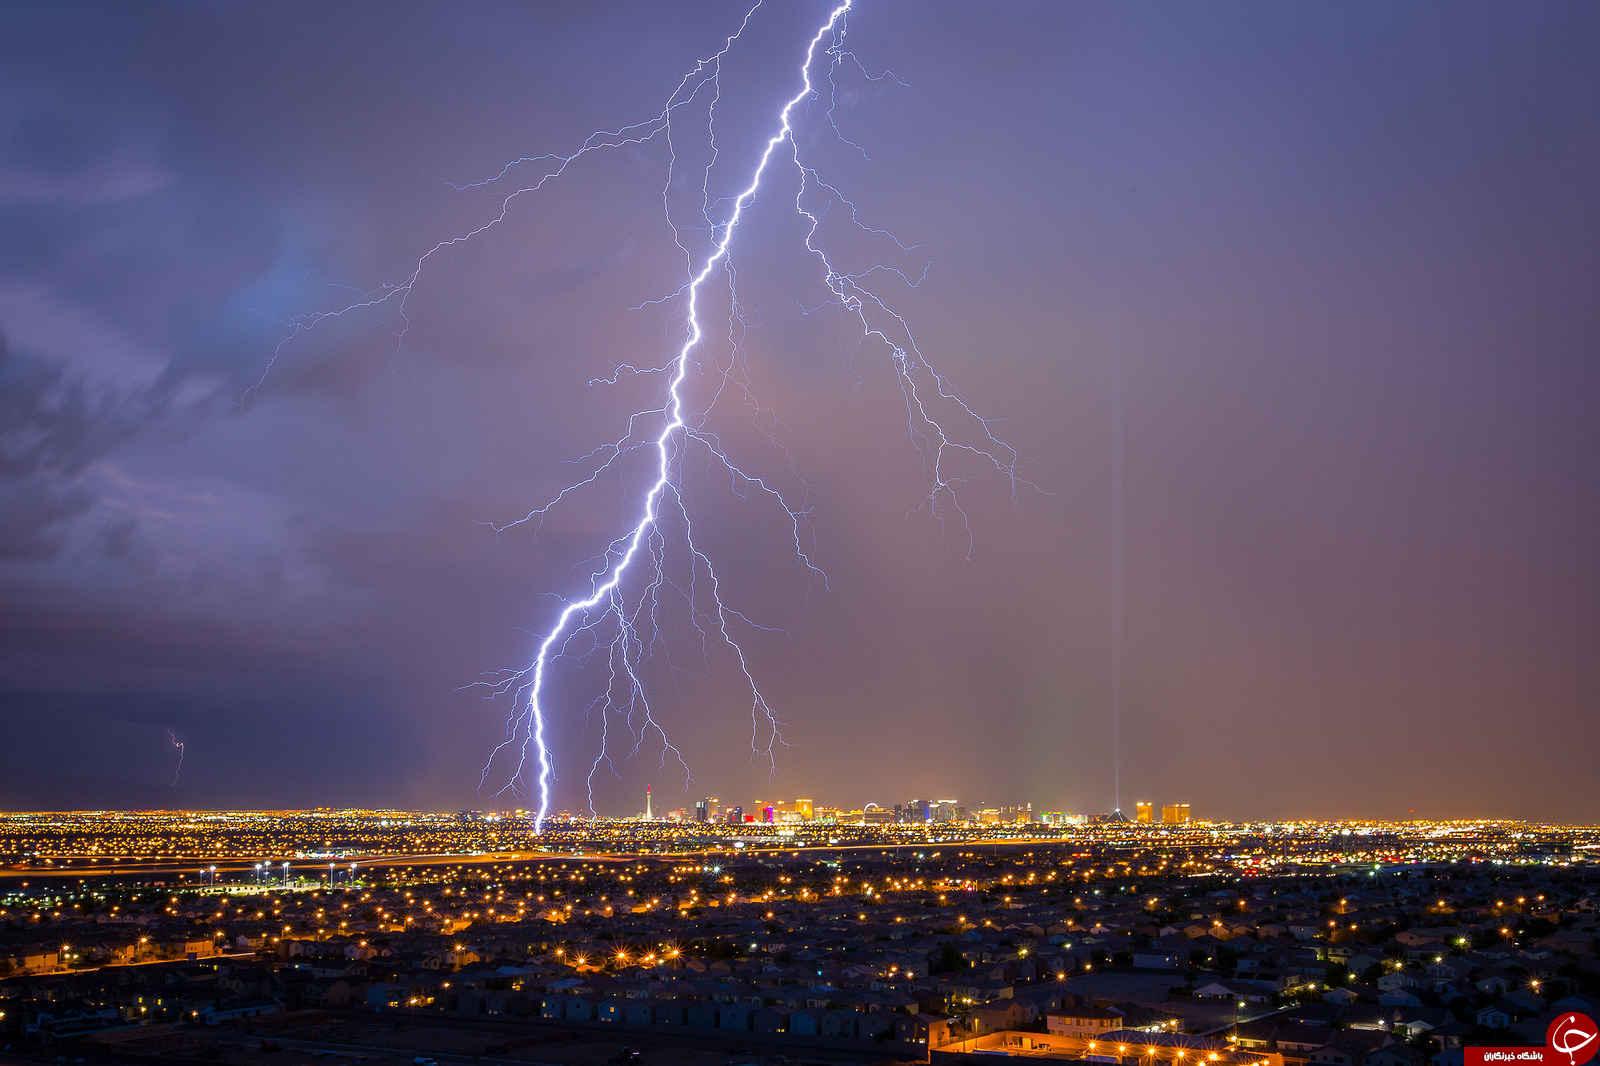 رکورد طولانیترین رعد و برق جهان شکسته شد